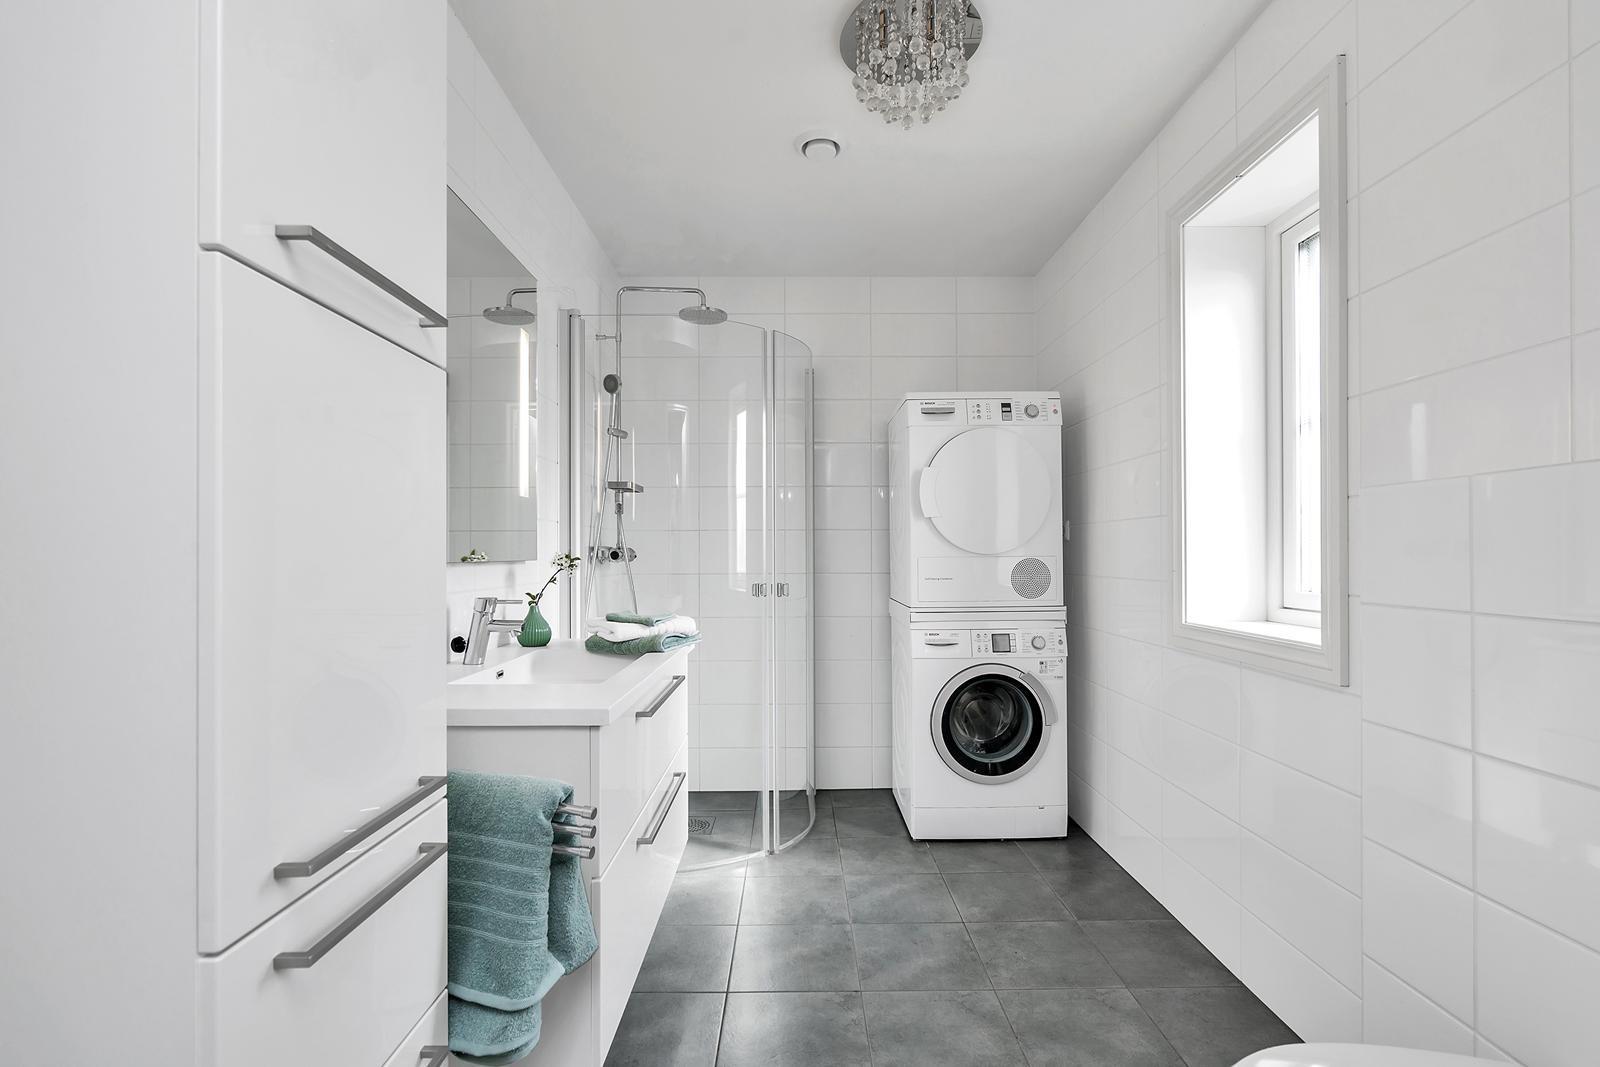 bad-1-etasje-god-plass-og-uttak-til-vaskemaskin-og-torketrommel